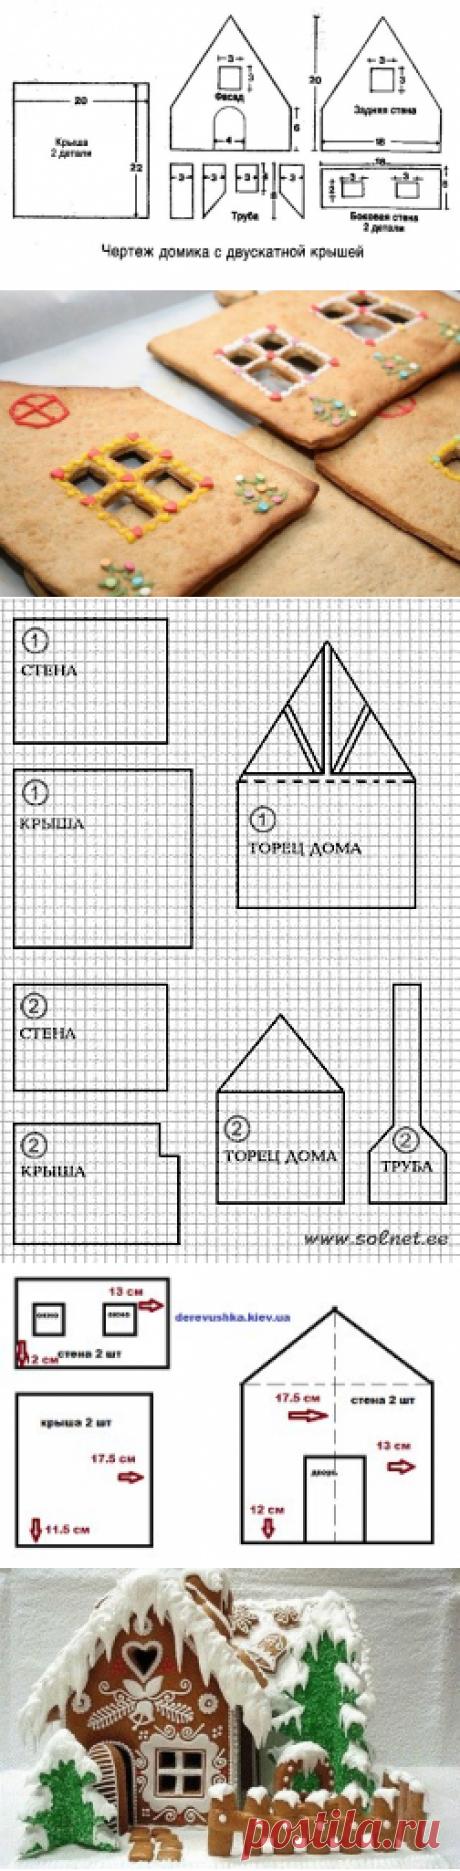 Пряничный домик выкройки фото схемы